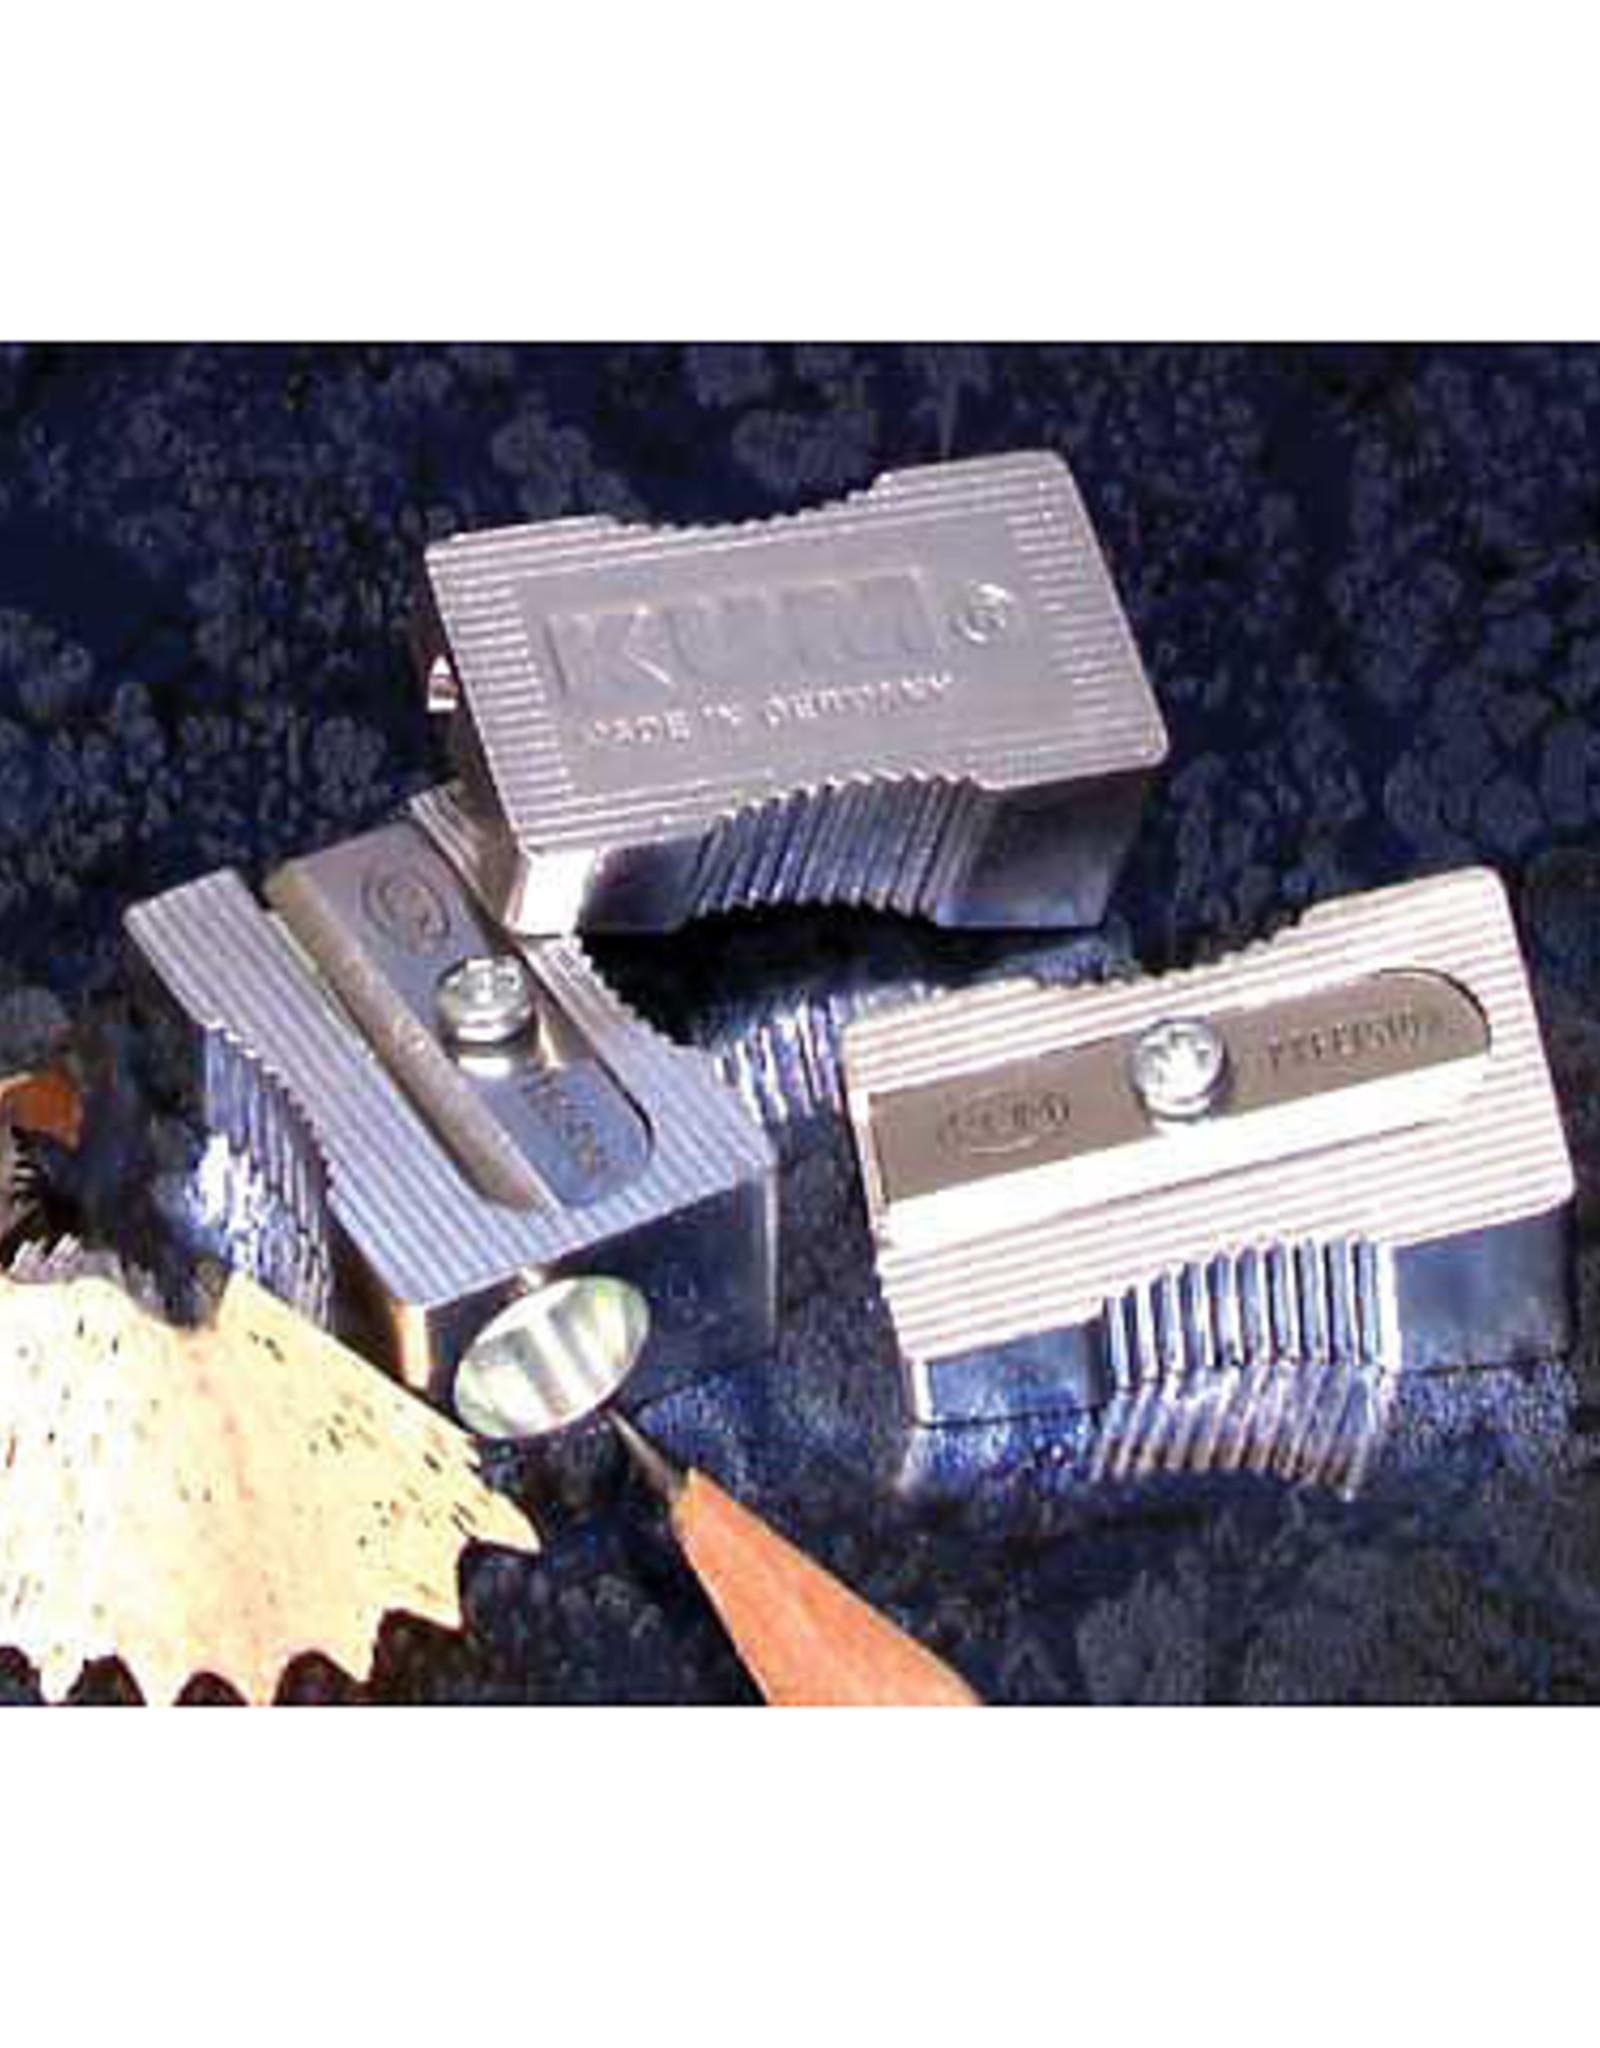 KUM Magnesium-Alloy Metal Wedge Sharpeners, Single-Hole